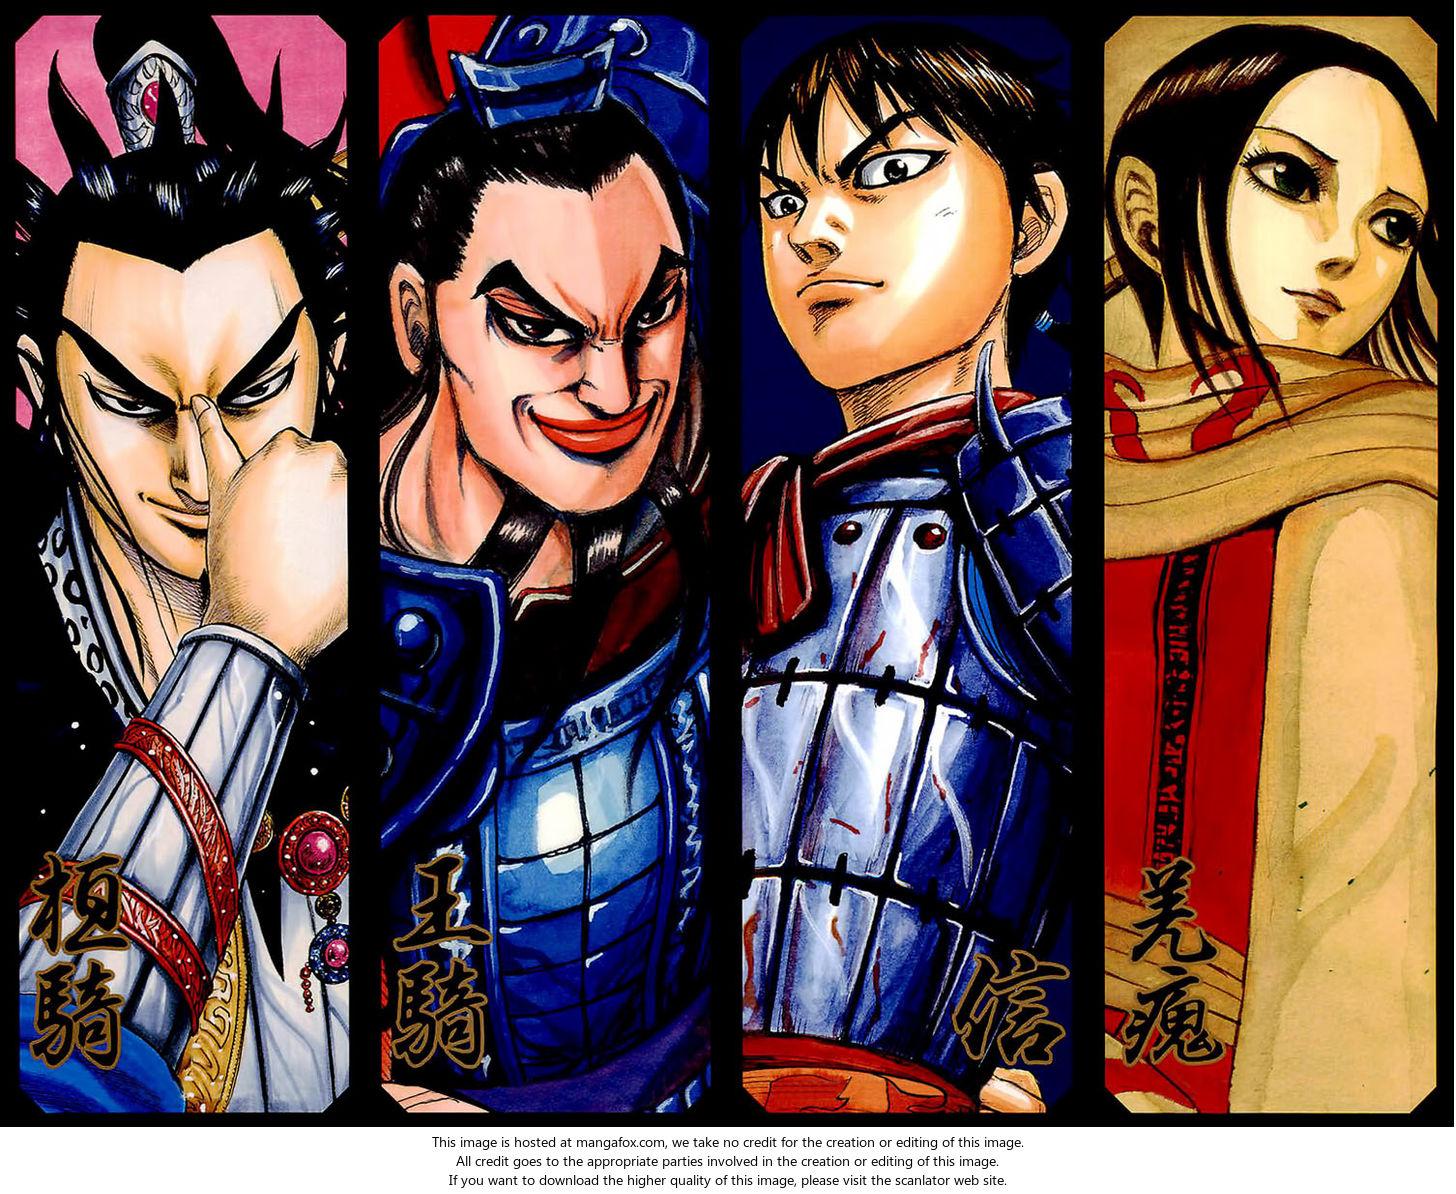 Kingdom 500.5: Omake at MangaFox